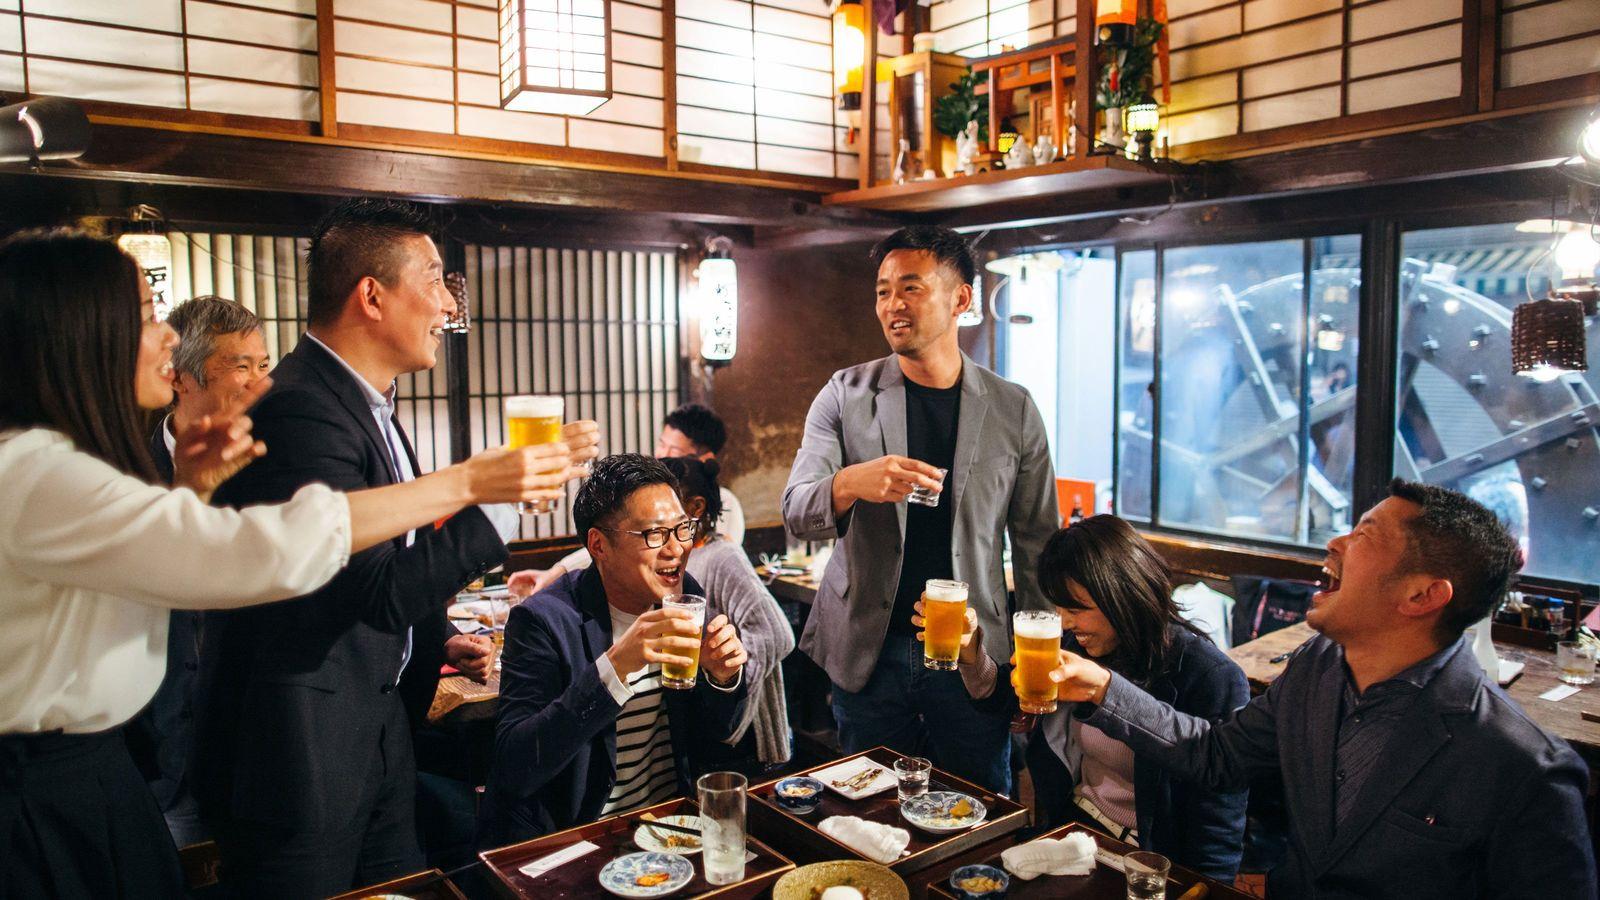 面接の質問「先輩や後輩から飲みに誘われますか」の意図 評価される人材は「幹事役」ではない